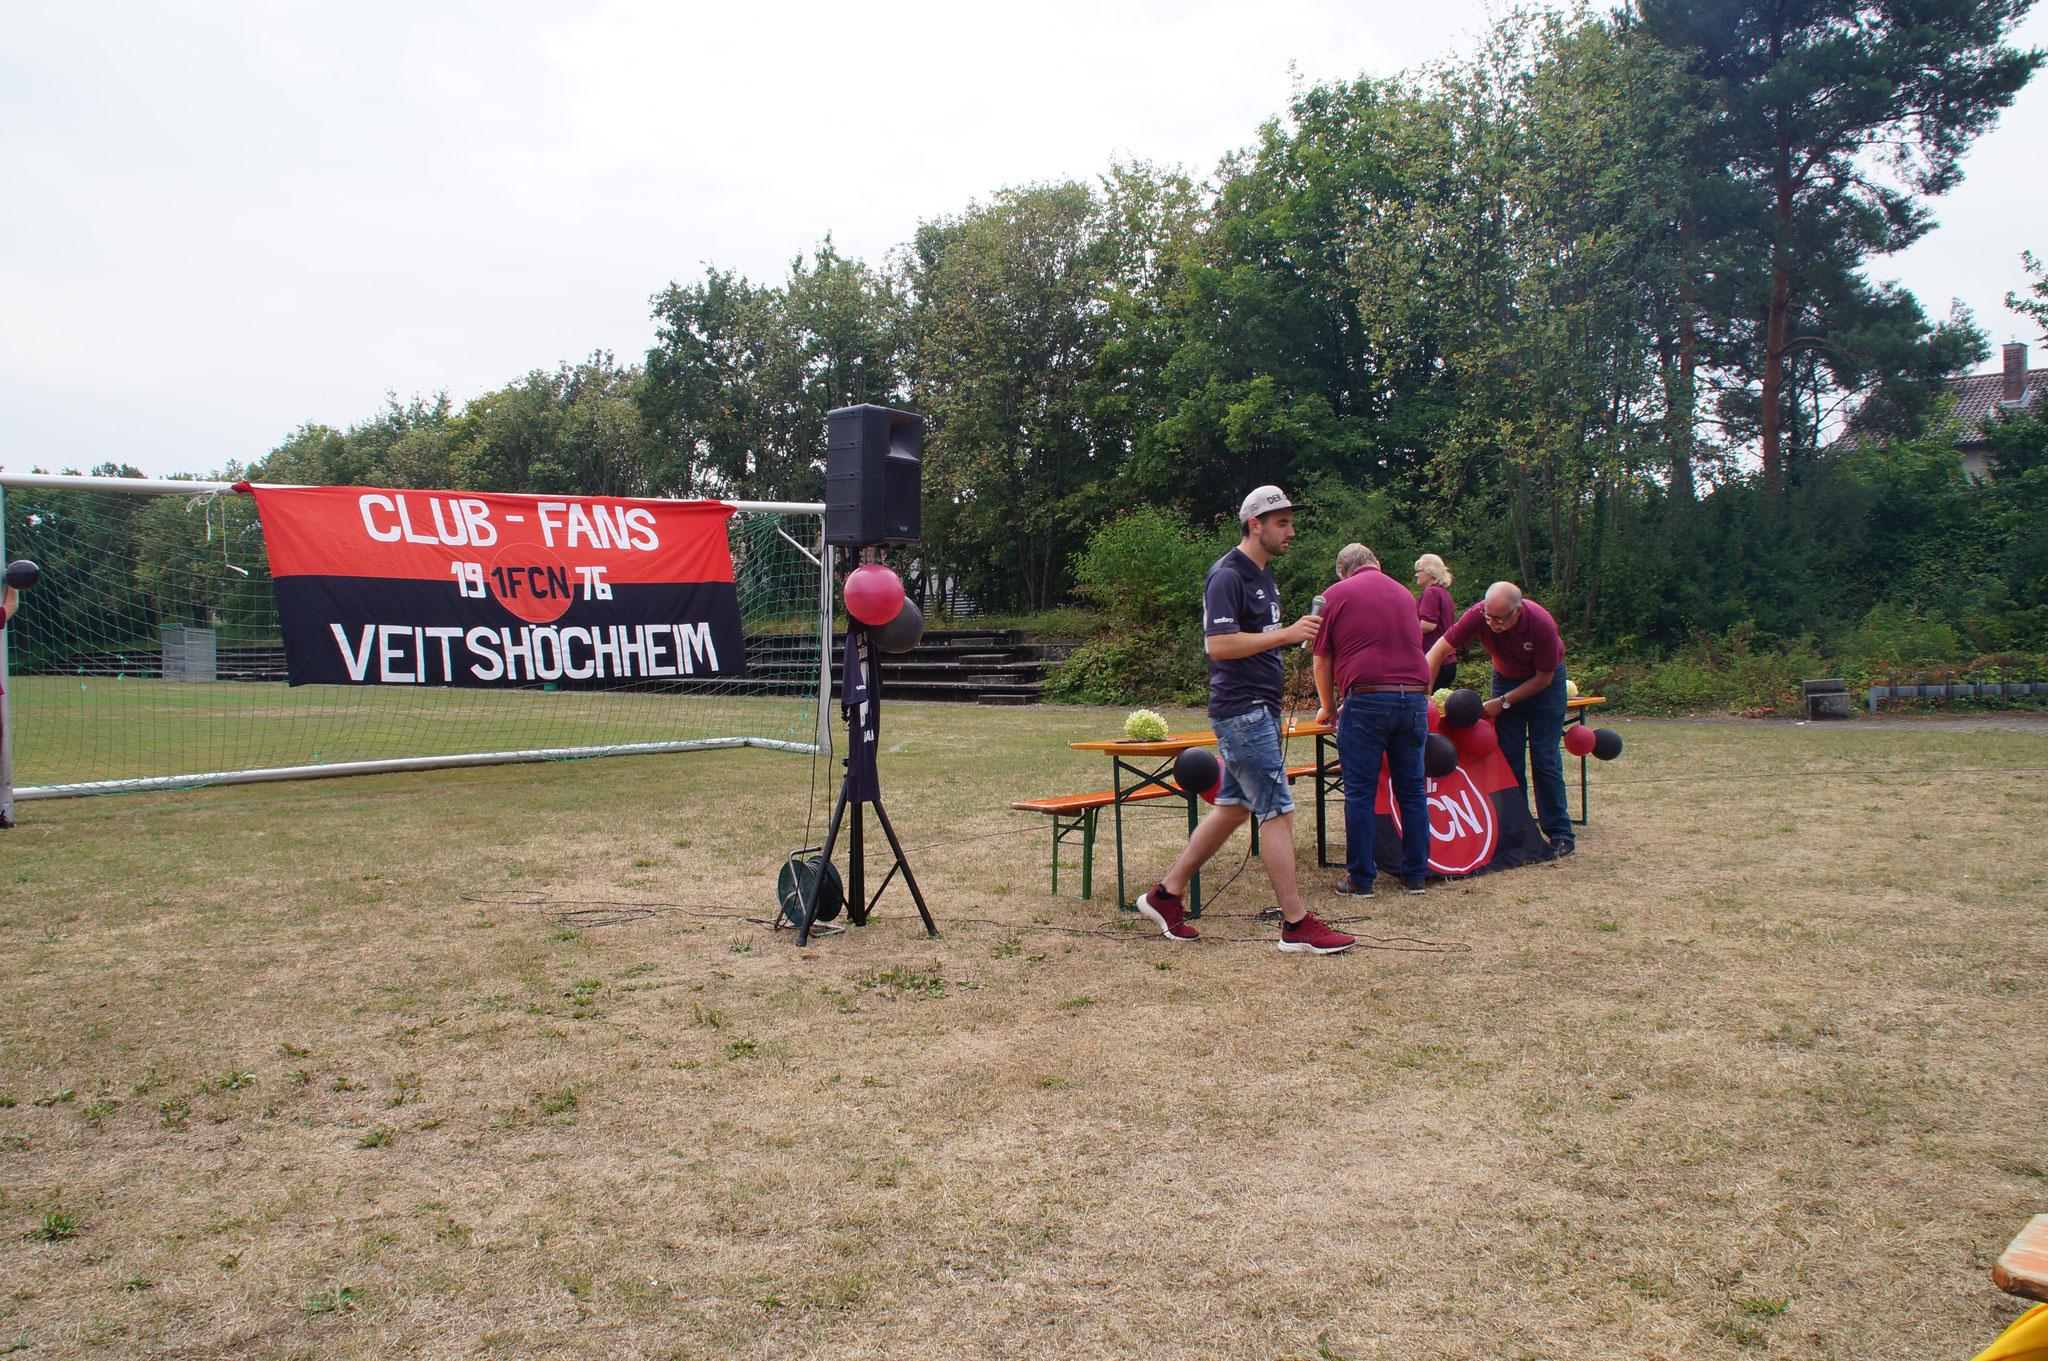 Der Club besucht seine Fan Clubs am 22.07.2018 am Sportgelände des SVV mit Bezirksversammlung des Bezirkes 5